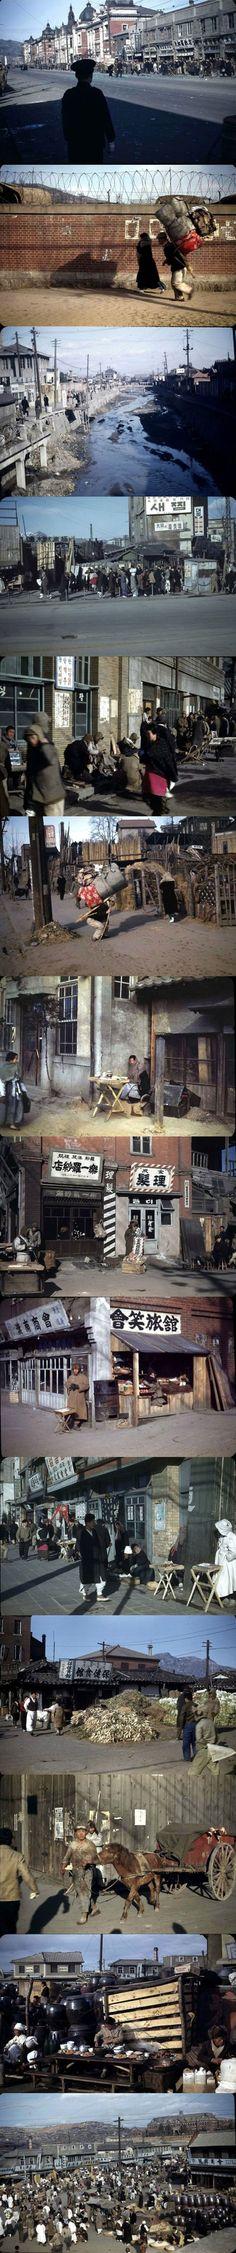 .6.25 이전의 서울 모습 Seoul before 1950 | love the realness of these photos.